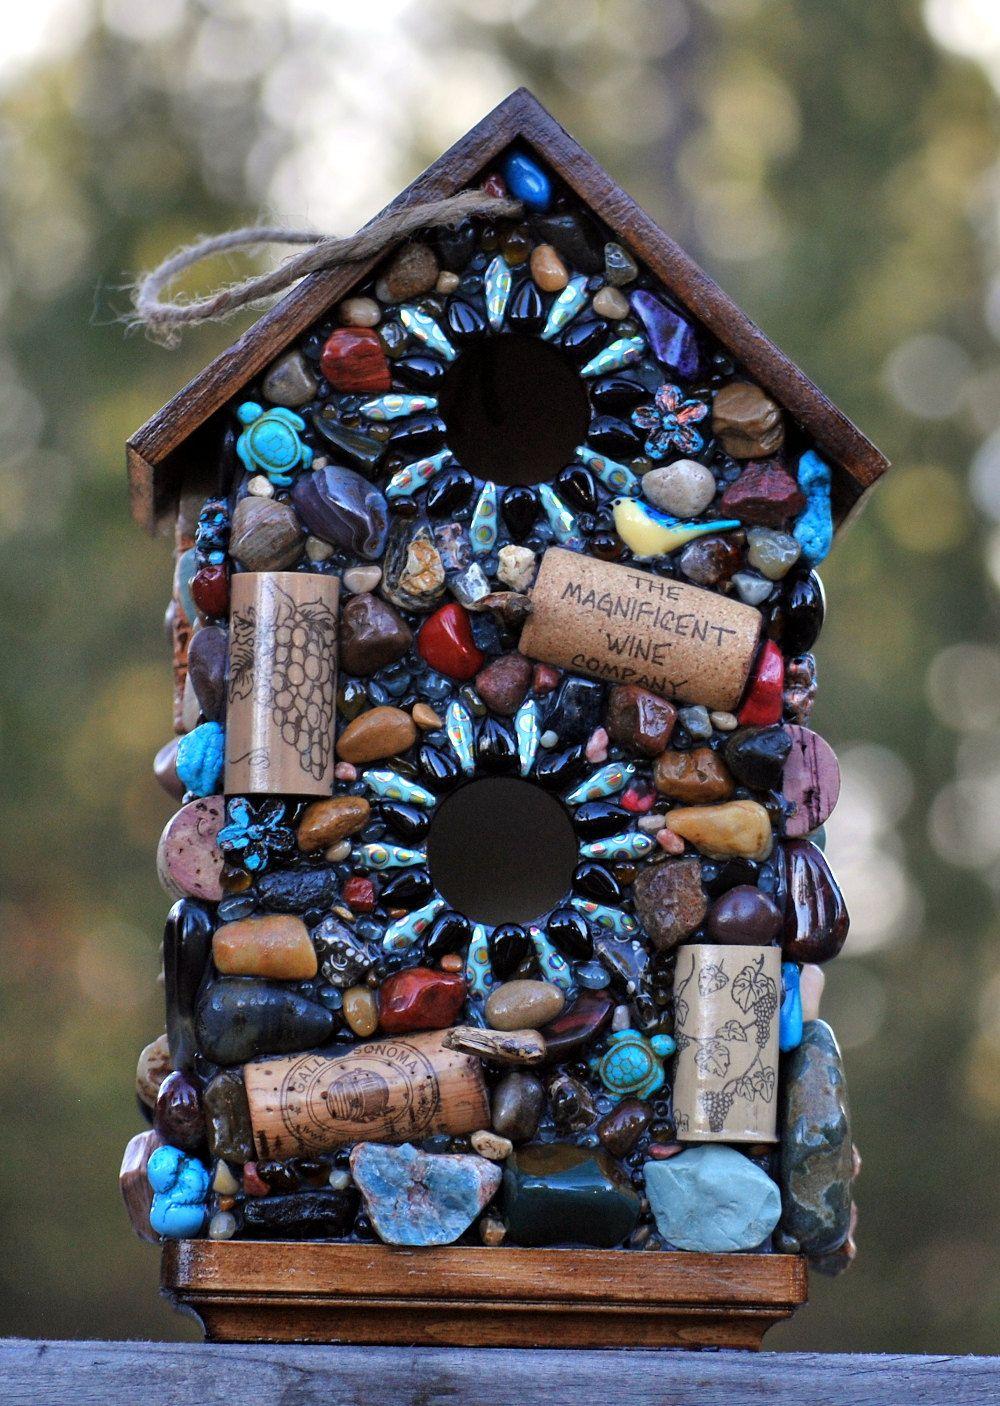 new to winestonebirdhouses on etsy: large mosaic birdhouse blue